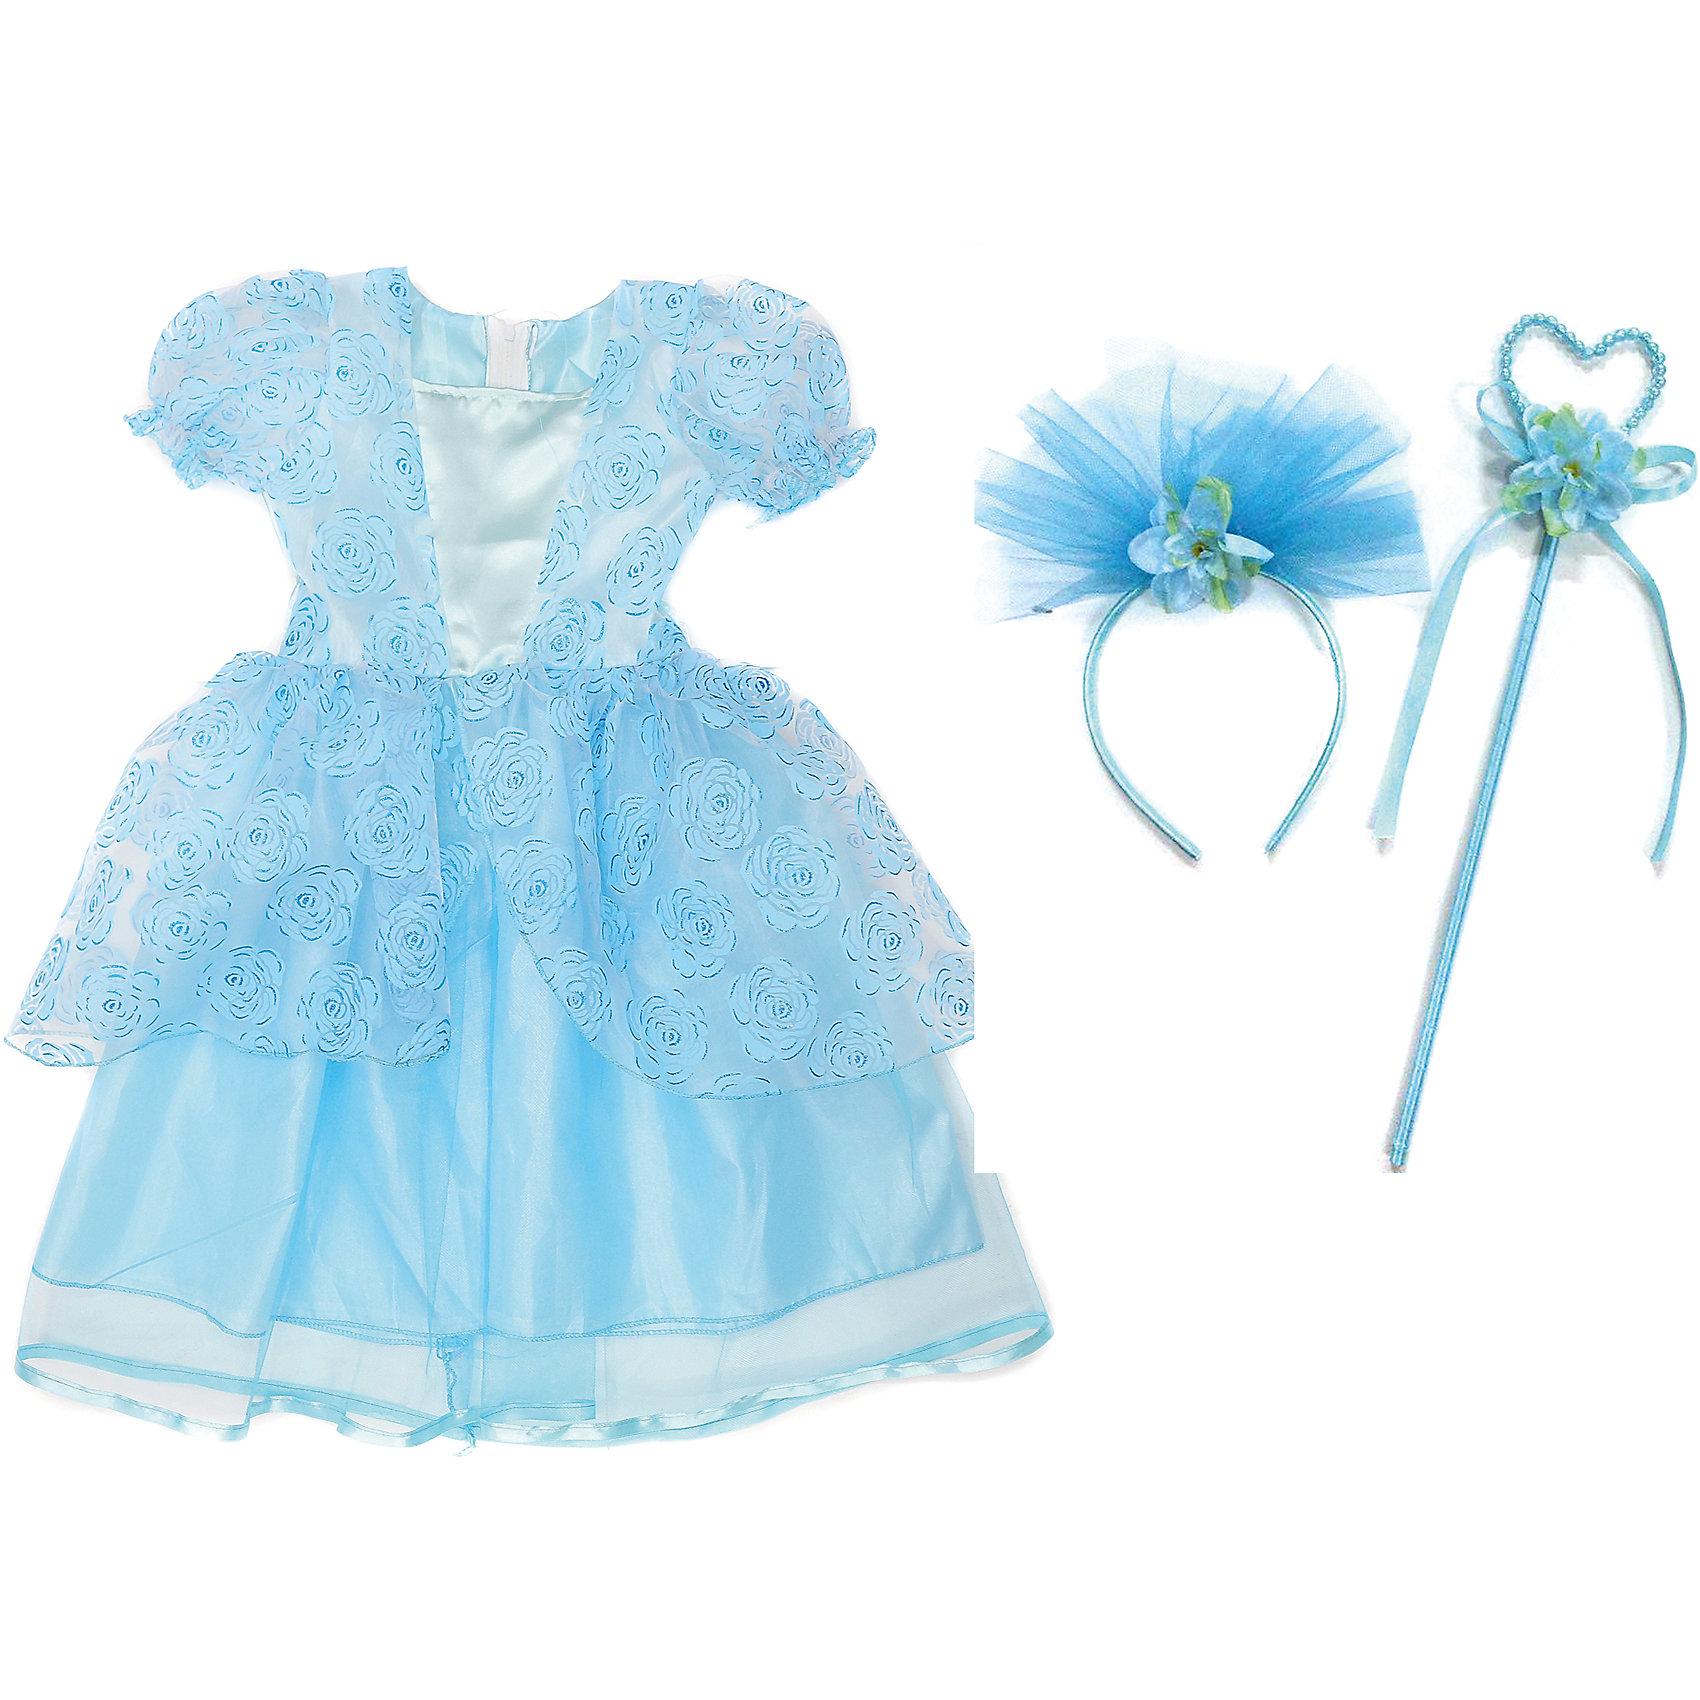 Костюм Зимняя принцесса, 65 см, Новогодняя сказкаКарнавальные костюмы и аксессуары<br>Характеристики товара:<br><br>• цвет: голубой<br>• комплектация: платье, ободок, палочка<br>• материал: текстиль, пластик<br>• для праздников и постановок<br>• упаковка: пакет<br>• длина платья: 65 см<br>• возраст: от 3 лет<br>• страна бренда: Российская Федерация<br>• страна изготовитель: Российская Федерация<br><br>Новогодние праздники - отличная возможность перевоплотиться в кого угодно, надев маскарадный костюм. Этот набор позволит ребенку мгновенно превратиться в принцессу!<br>Он состоит из нескольких предметов, которые подойдут дошкольникам. Изделия удобно сидят и позволяют ребенку наслаждаться праздником или принимать участие в постановке. Модель хорошо проработана, сшита из качественных и проверенных материалов, которые безопасны для детей.<br><br>Костюм Зимняя принцесса, 65 см, от бренда Новогодняя сказка можно купить в нашем интернет-магазине.<br><br>Ширина мм: 455<br>Глубина мм: 690<br>Высота мм: 30<br>Вес г: 167<br>Возраст от месяцев: 60<br>Возраст до месяцев: 120<br>Пол: Женский<br>Возраст: Детский<br>SKU: 5177227